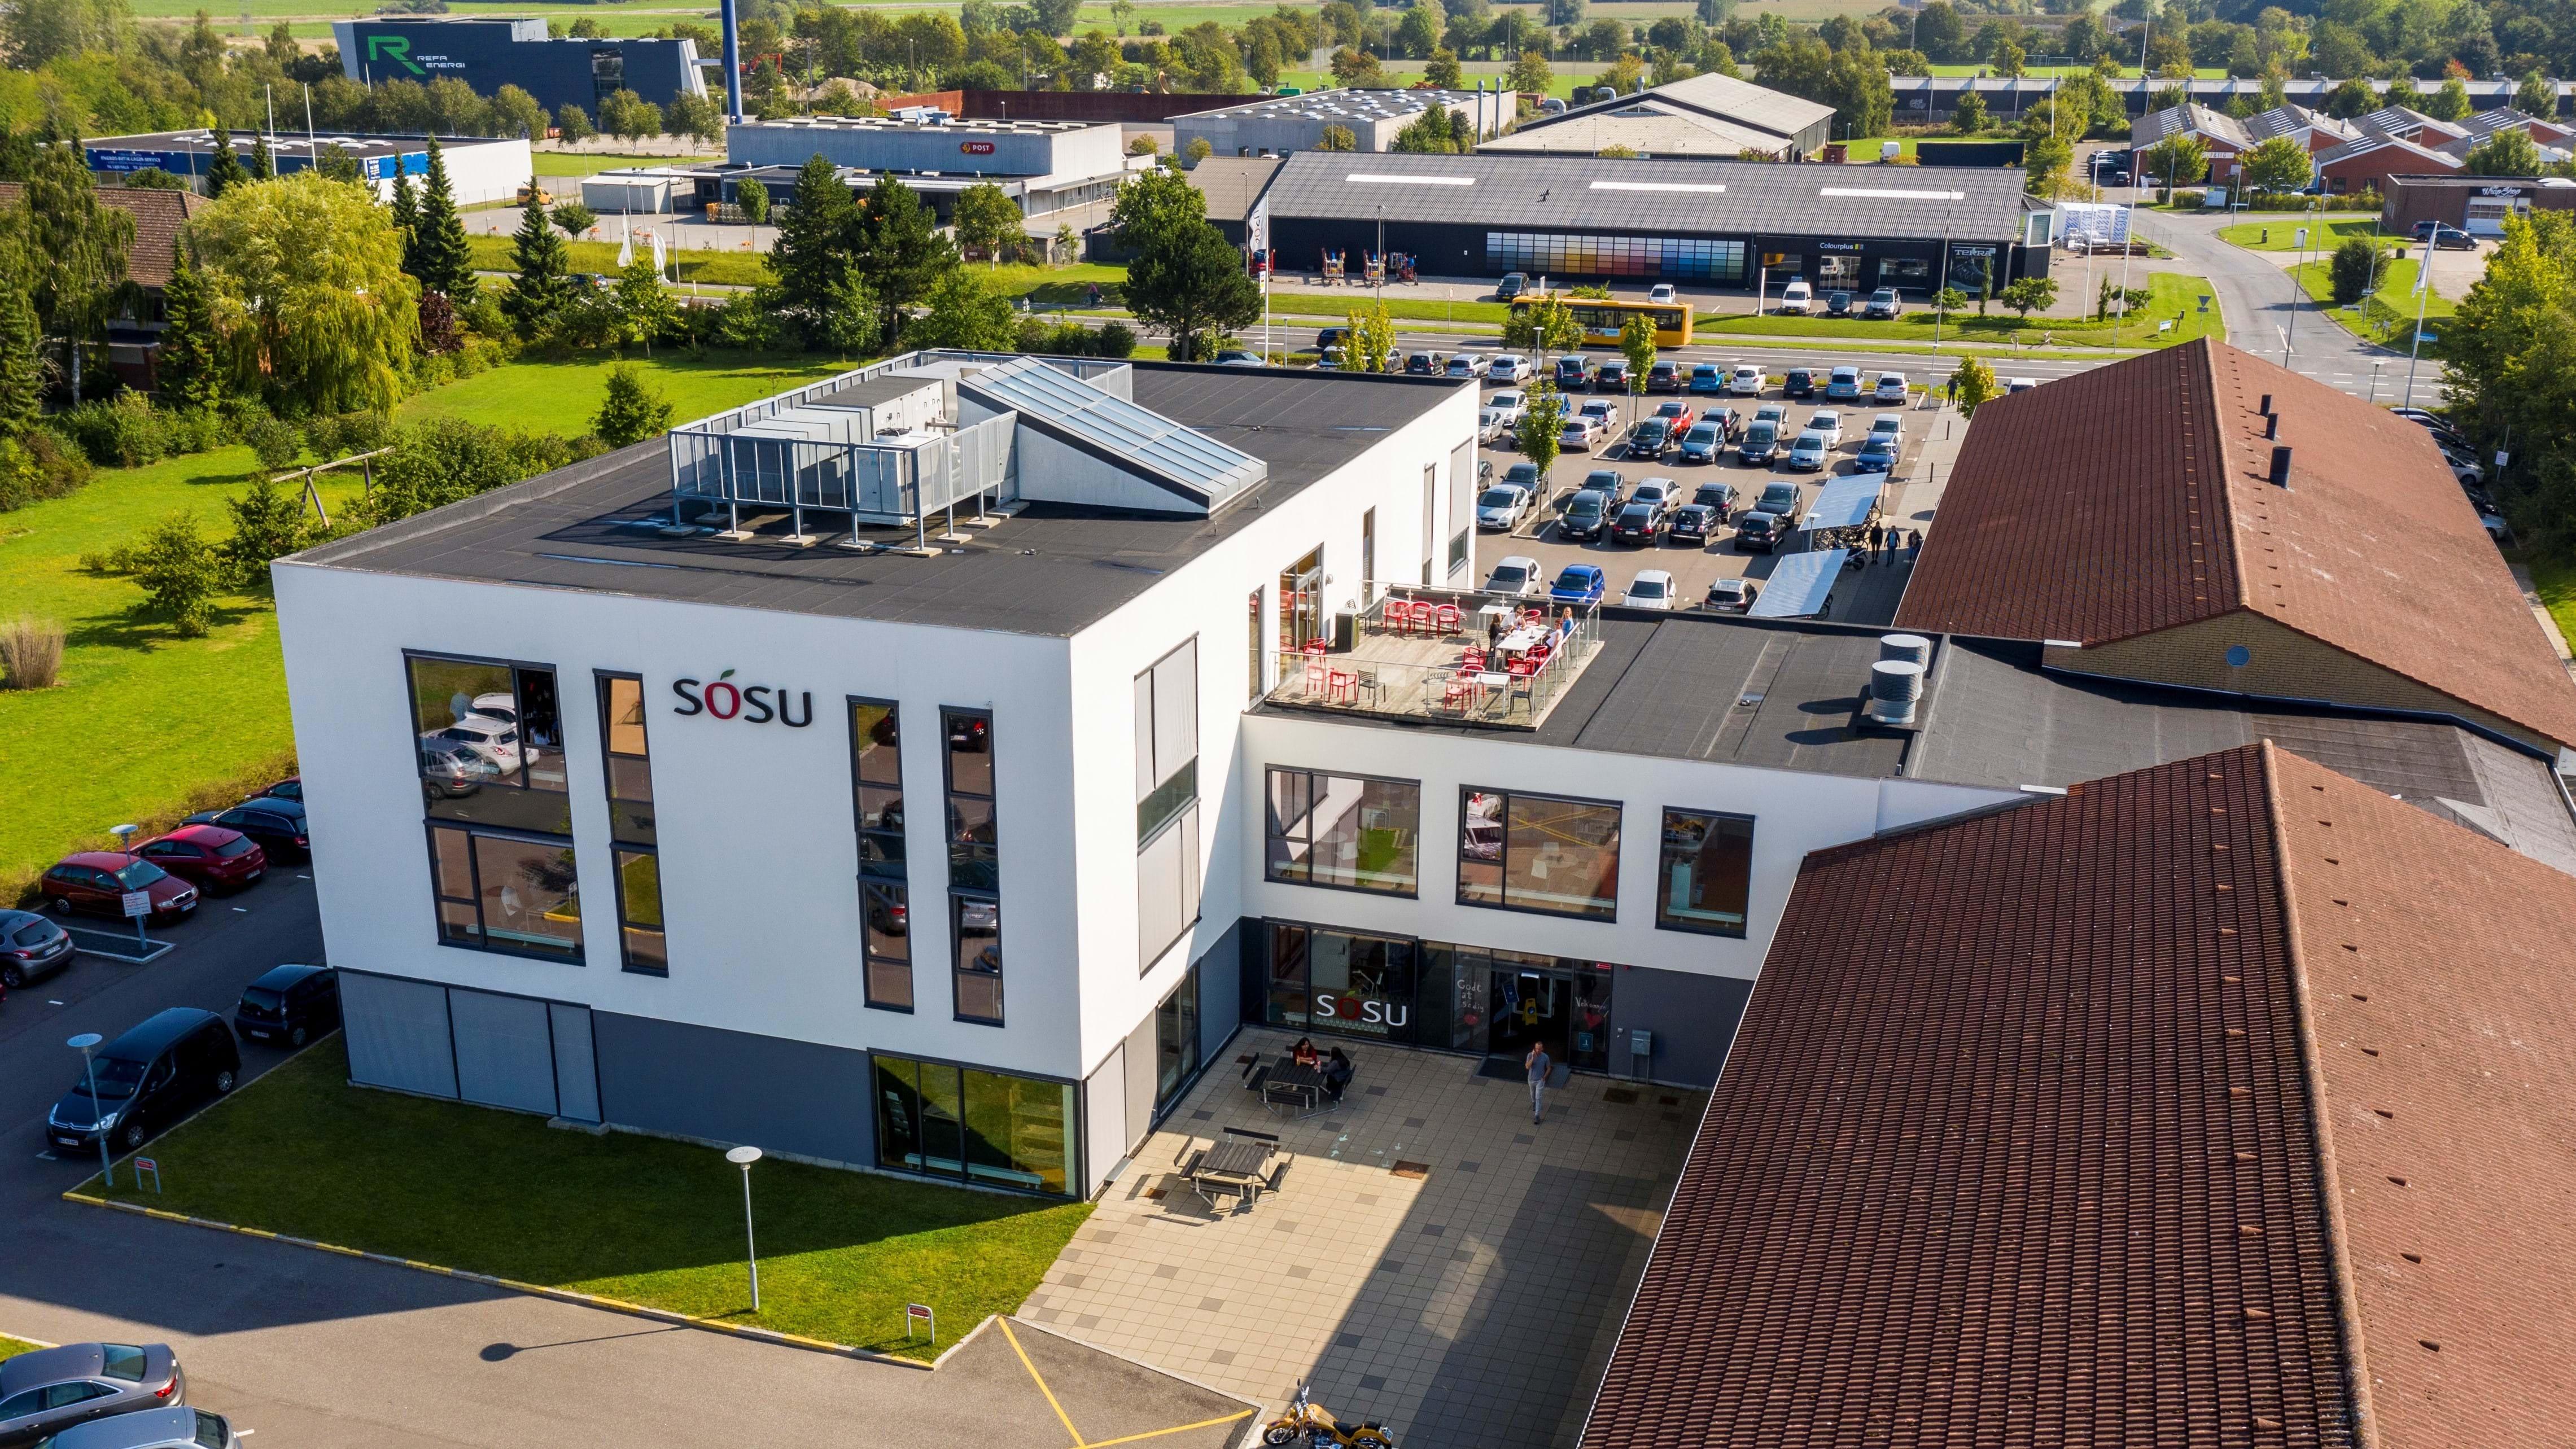 Luftfoto af SOSU-skolen i Nykøbing Falster.